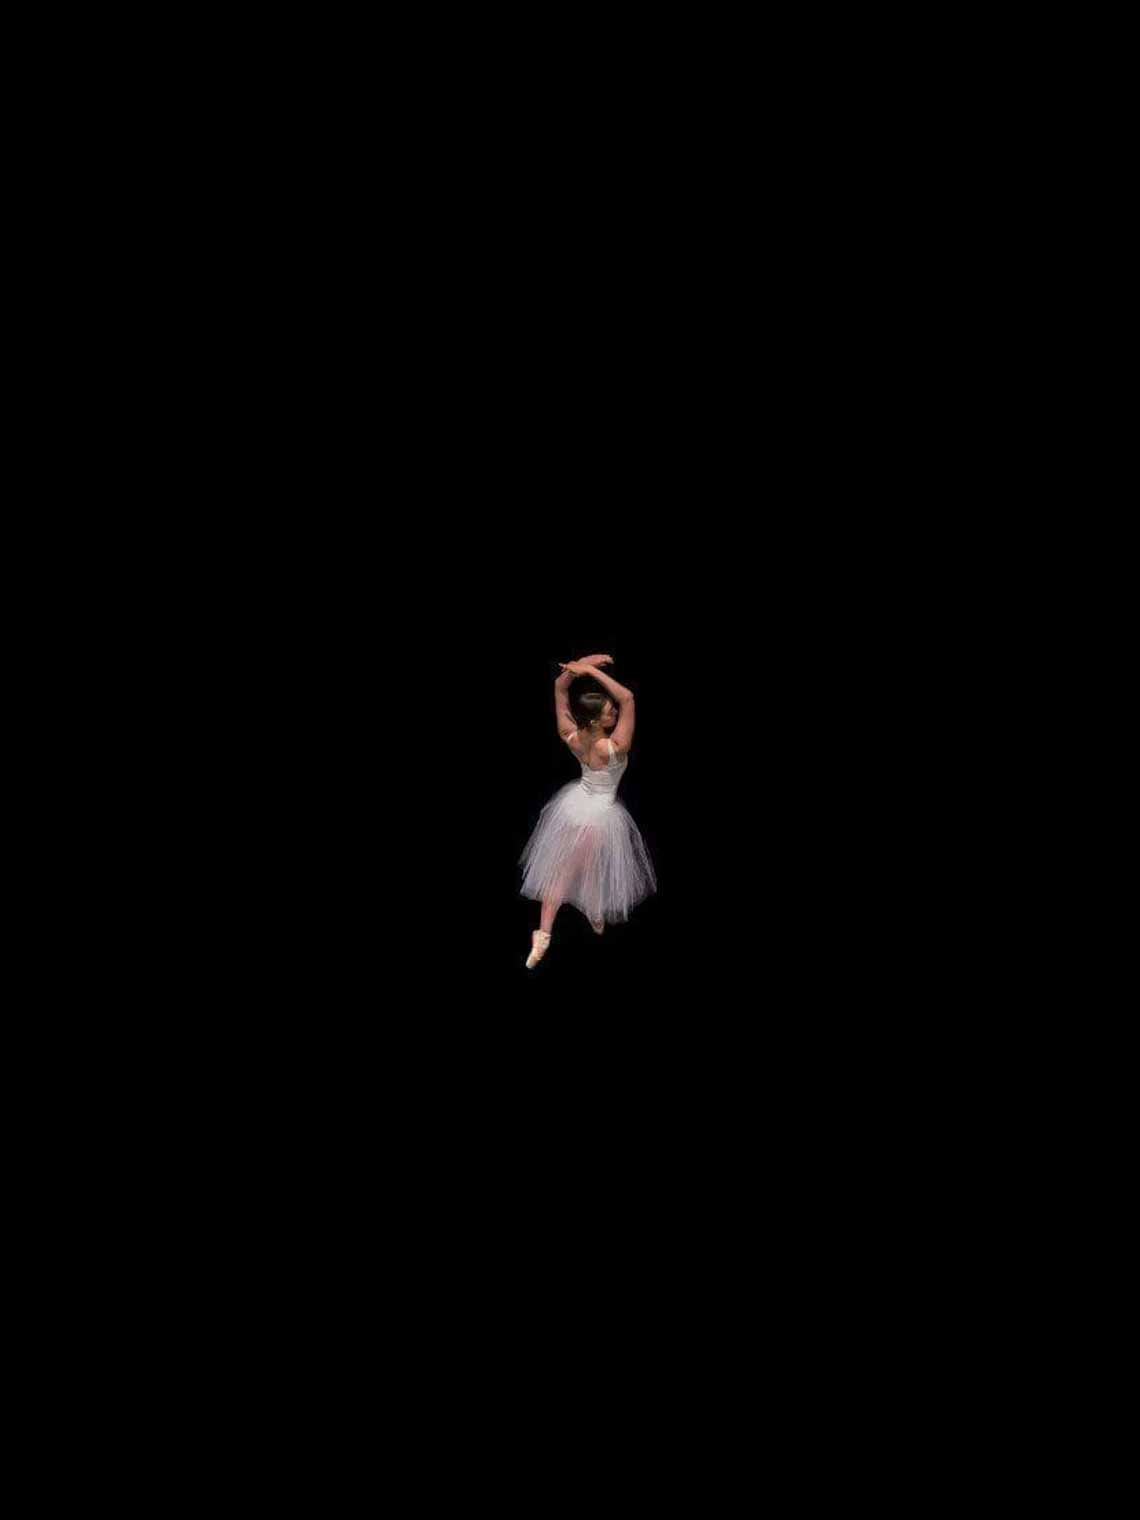 Vẻ đẹp của vũ công múa ballet qua góc chụp từ trên cao -9